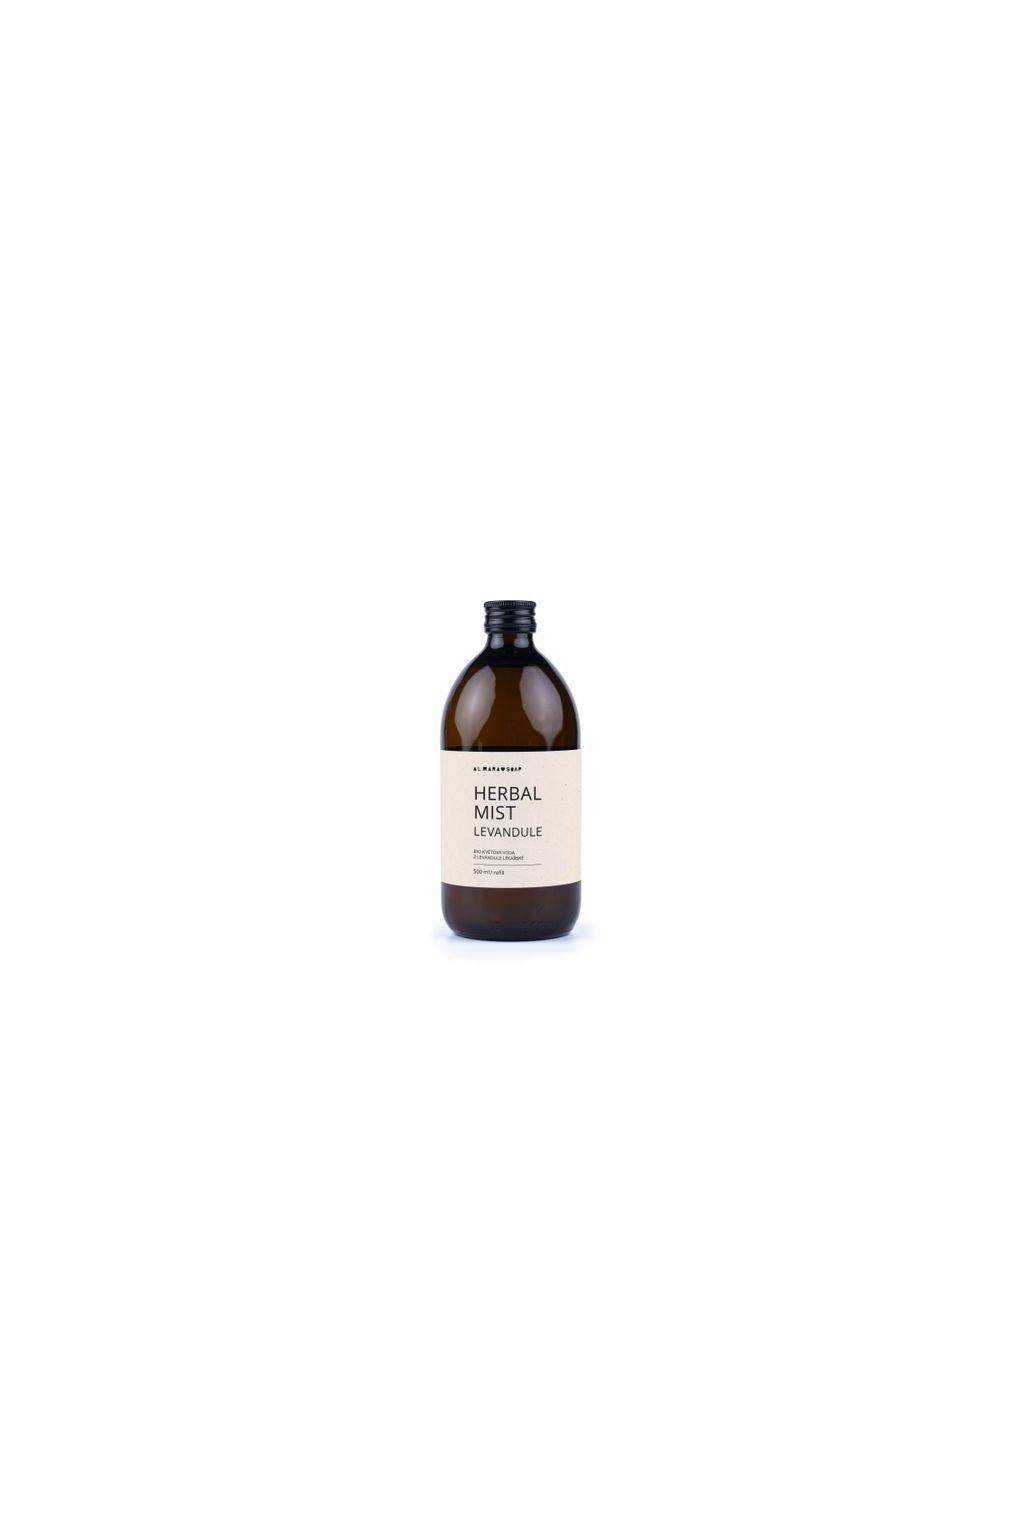 xj as herbal mist levandule produkt 500ml cz